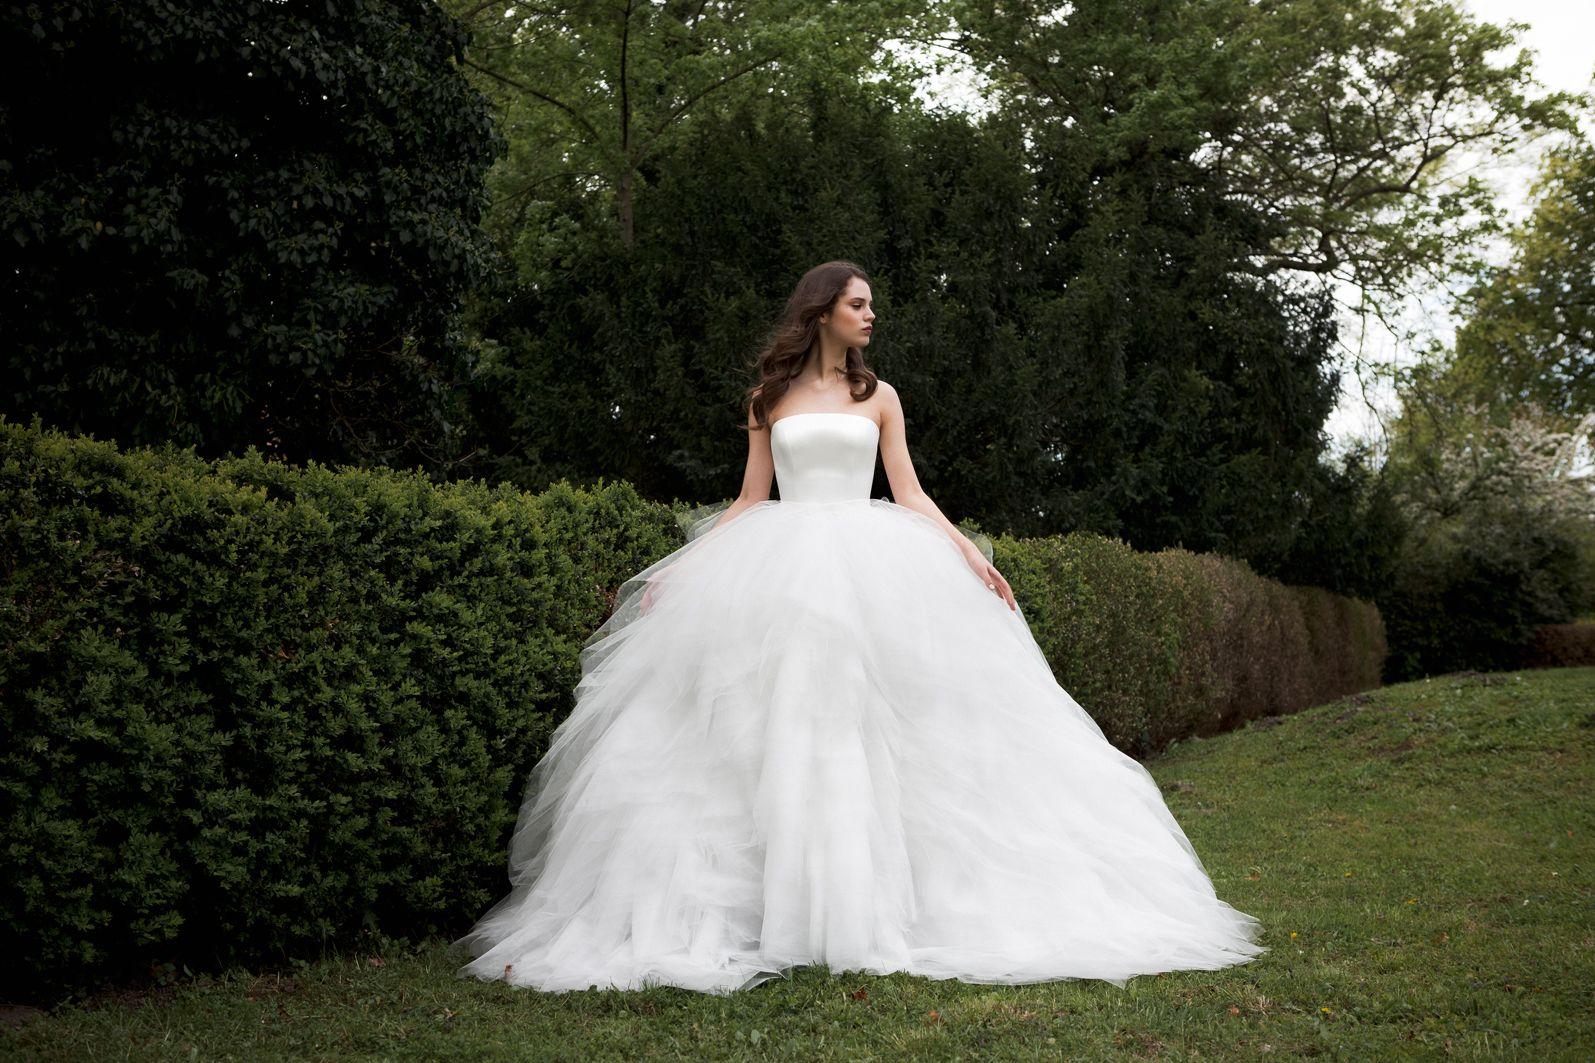 Cinderella inspired wedding dress  Daalarna  Menyassszonyi ruhák  SECRET    szépségek